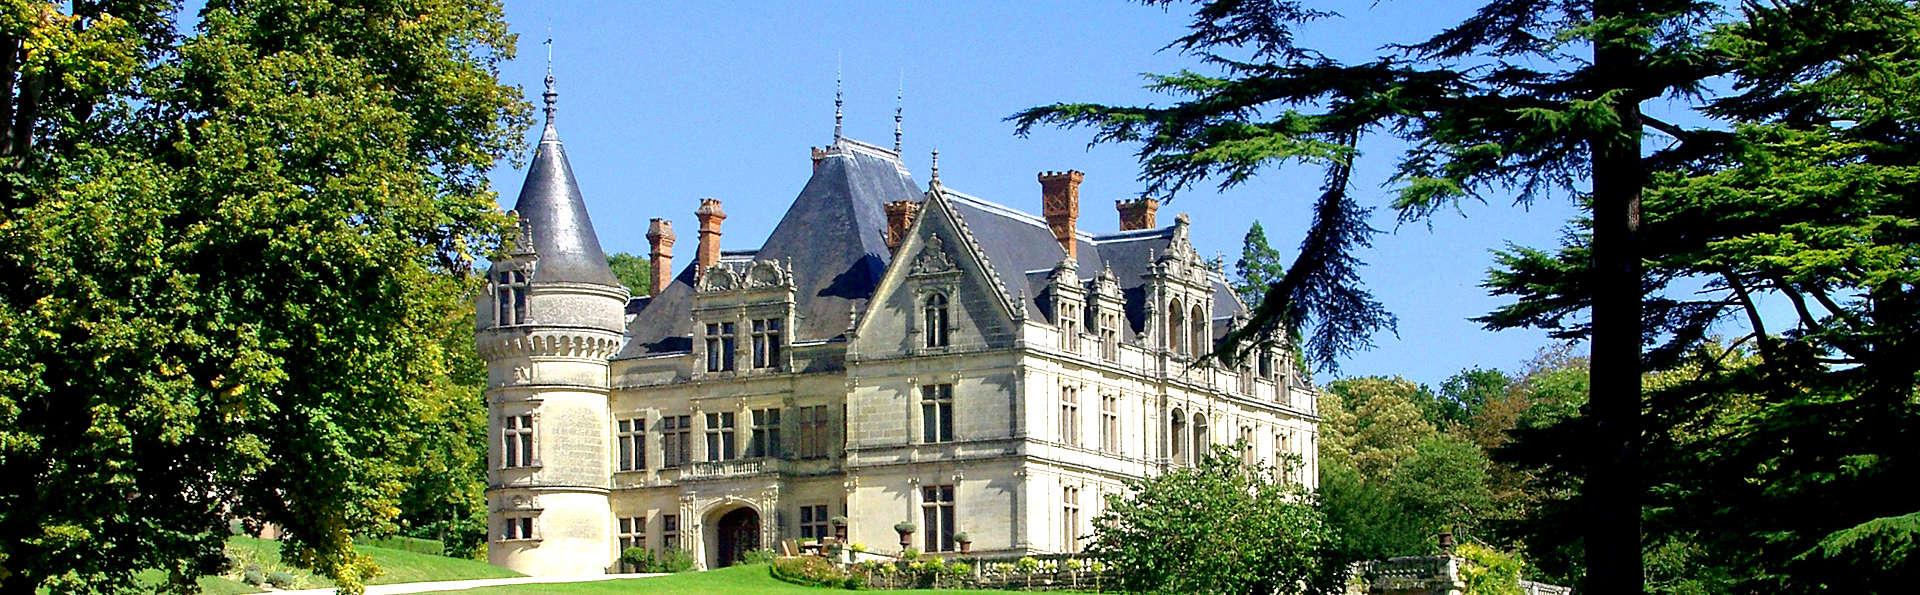 Château de la Bourdaisière - Edit_Front2.jpg